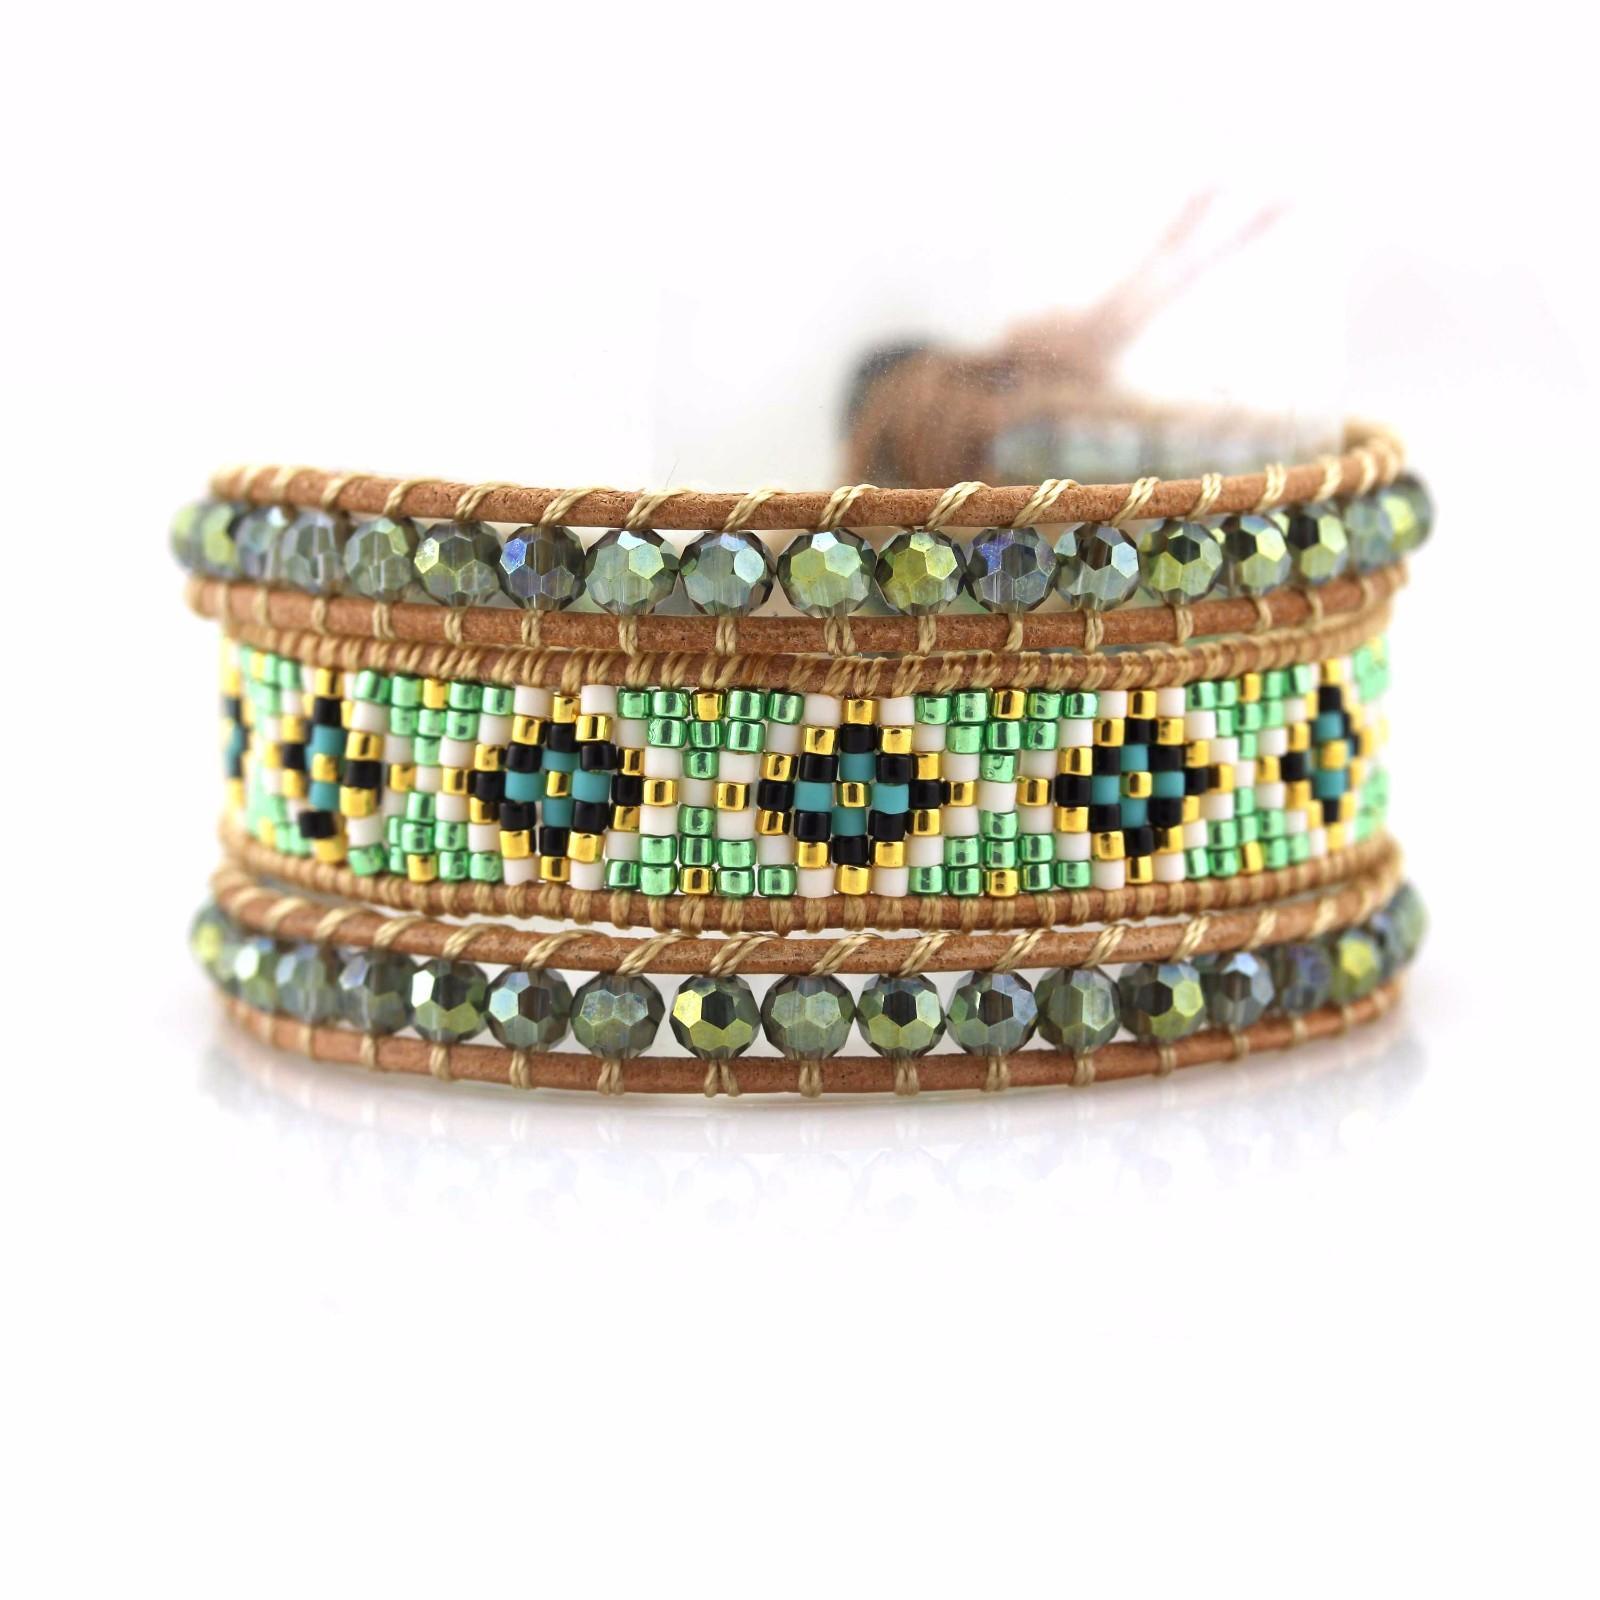 shop fashion bracelets stone handcrafted chan luu wrap bracelet TTT Jewelry Warranty